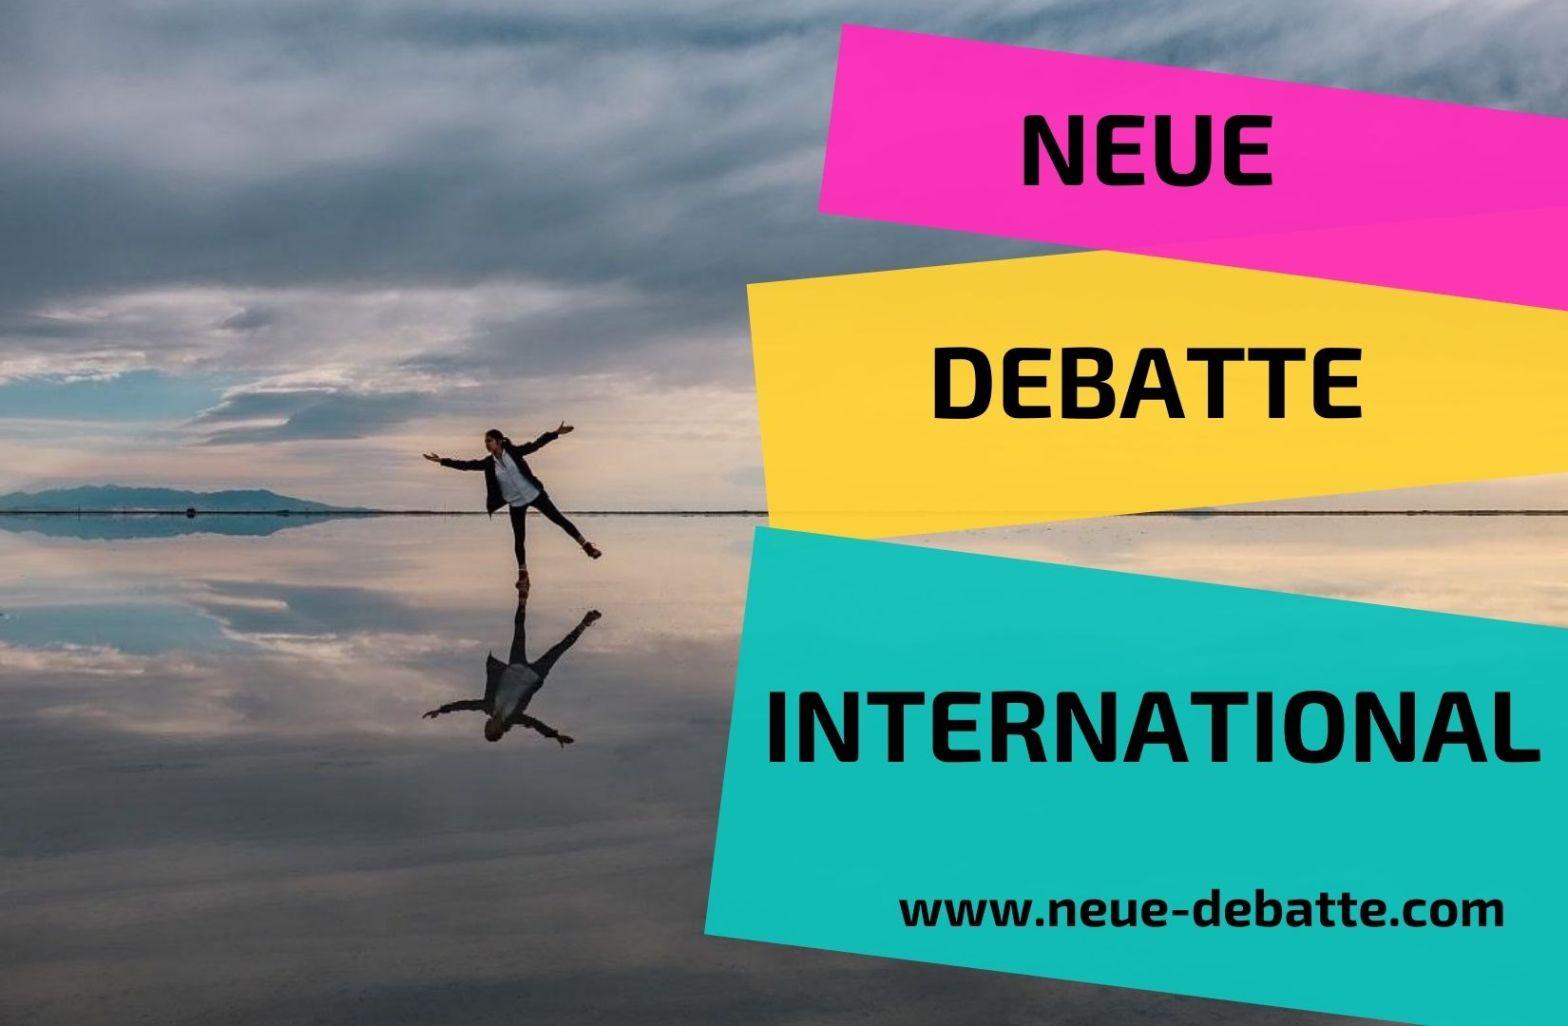 International Neue Debatte